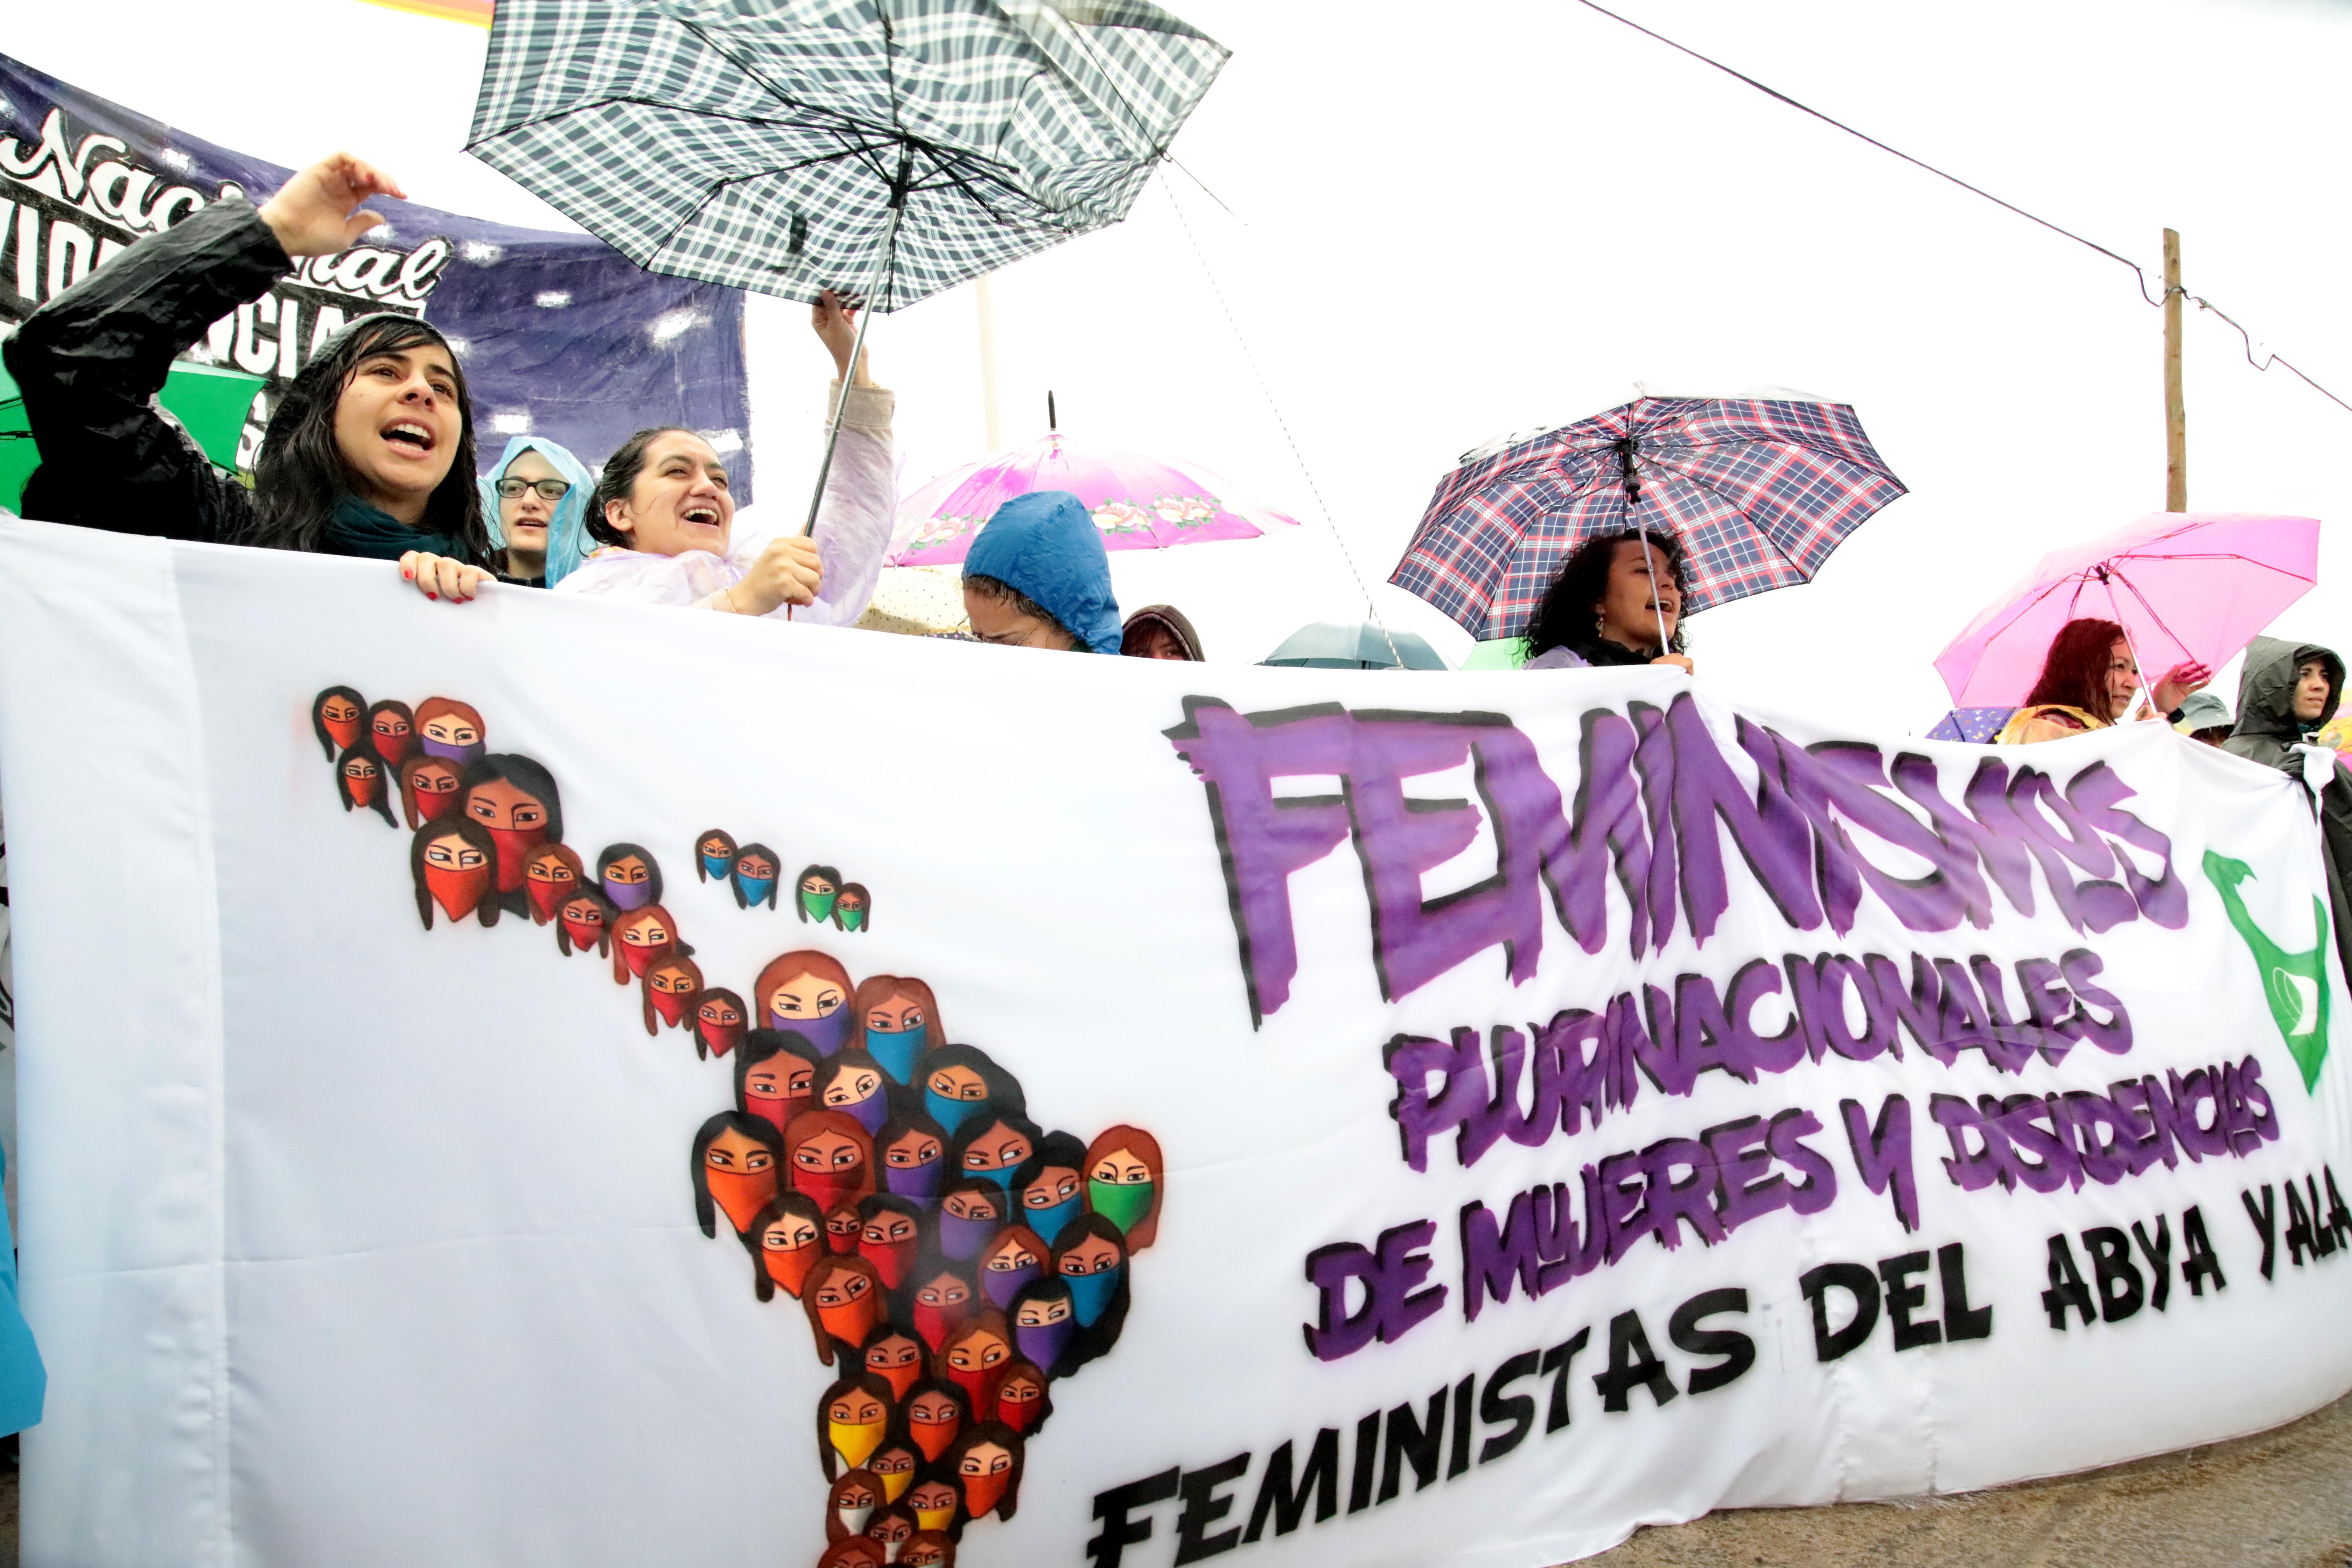 La Dirección General de Cultura y Educación de la provincia puso a disposición 490 escuelas estatales de La Plata, Berisso y Ensenada para brindar alojamiento de manera gratuita